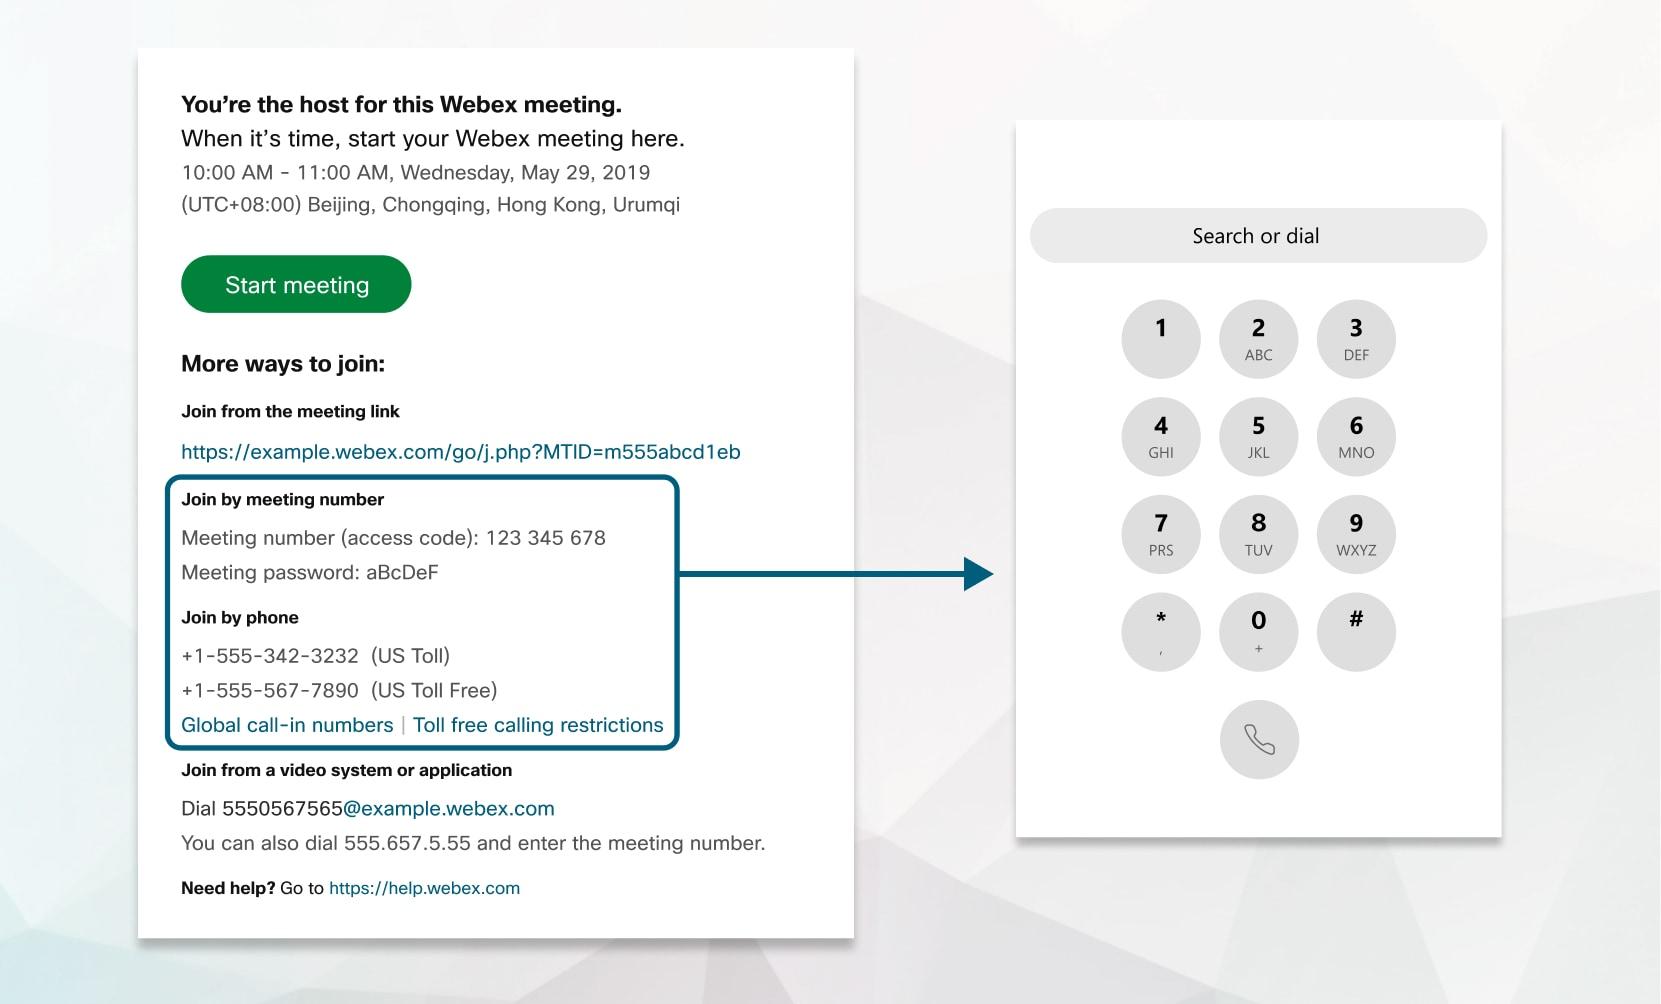 Începeți întâlnirea programată prin telefon